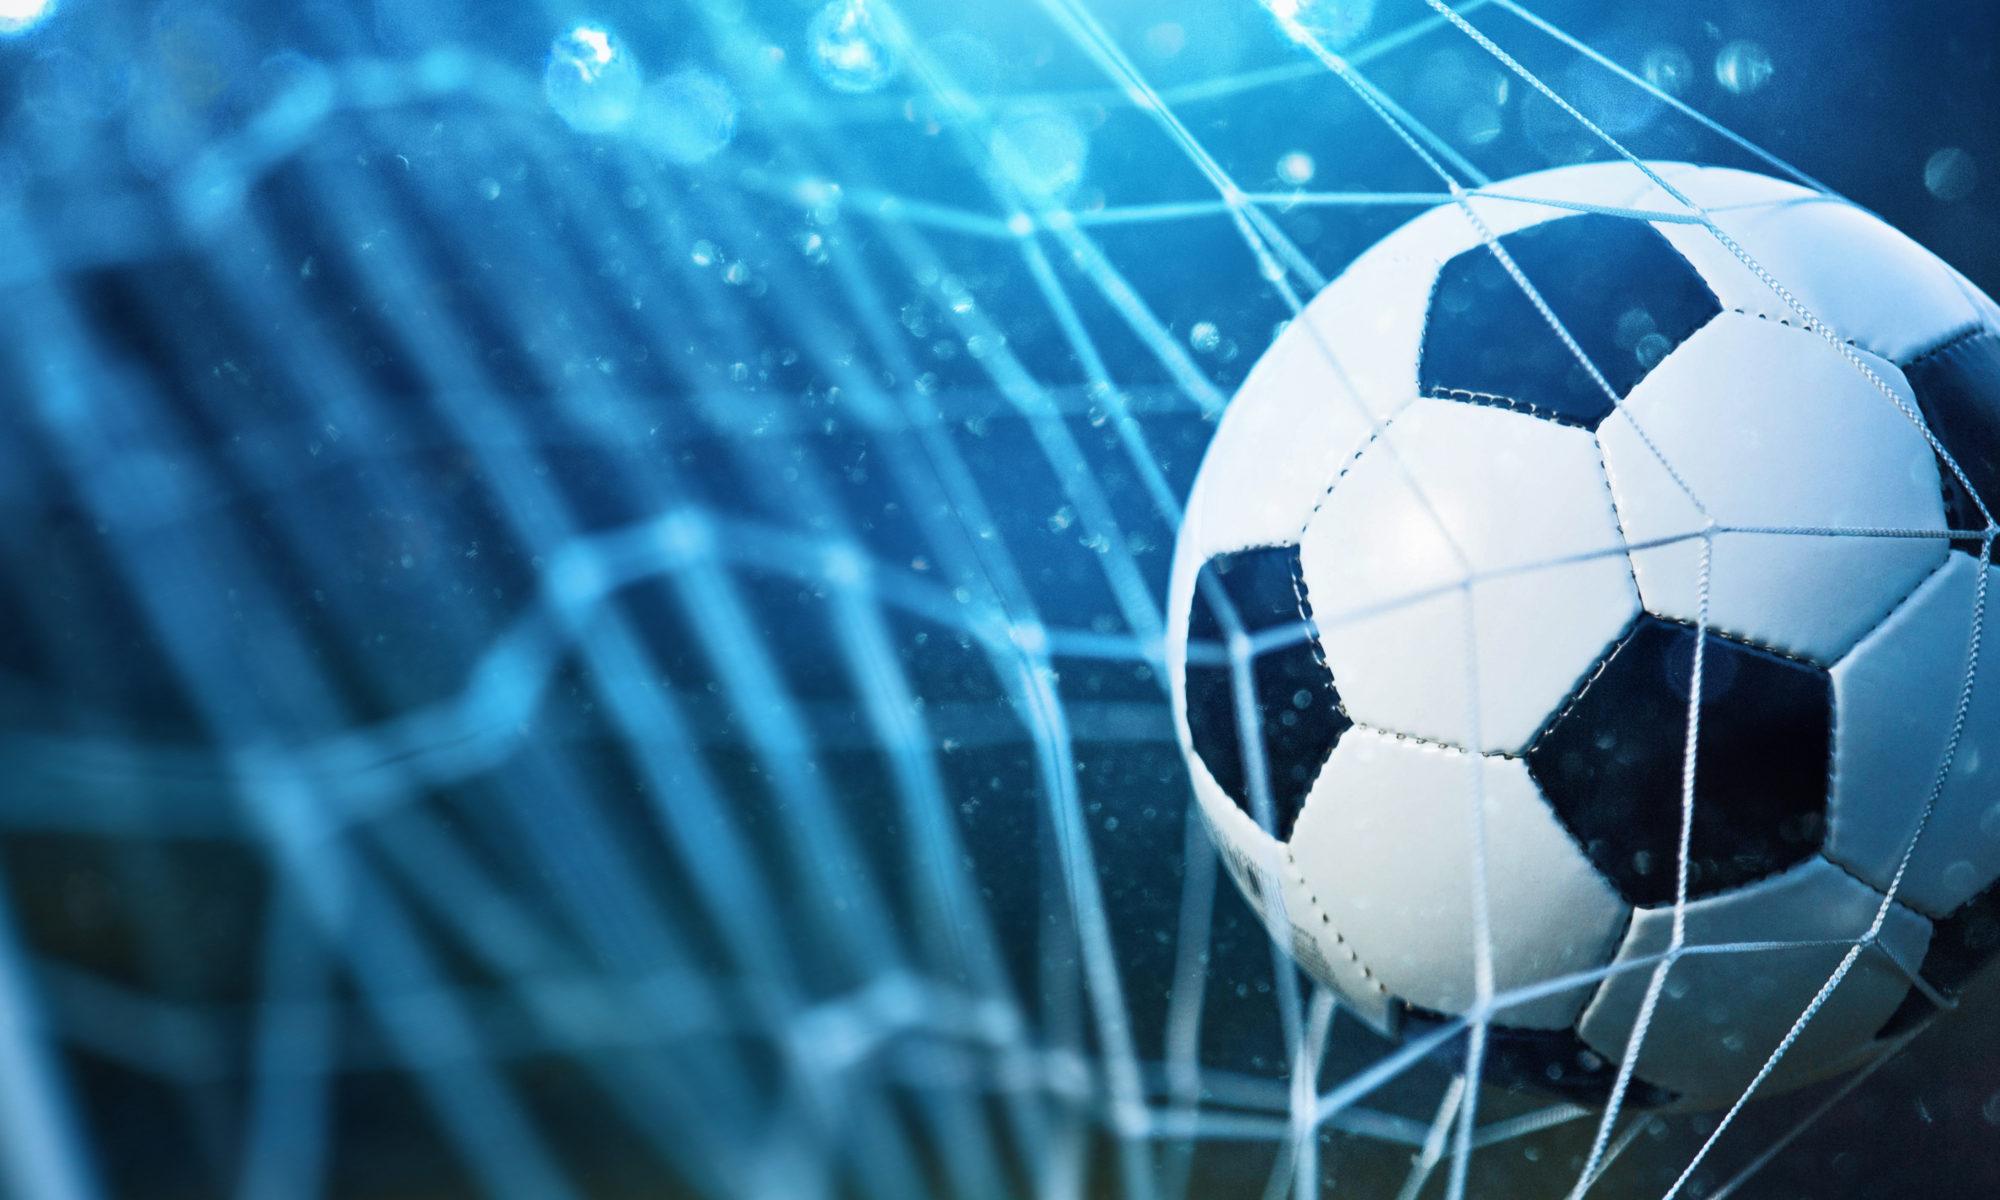 piłka do piłki nożnej w bramce